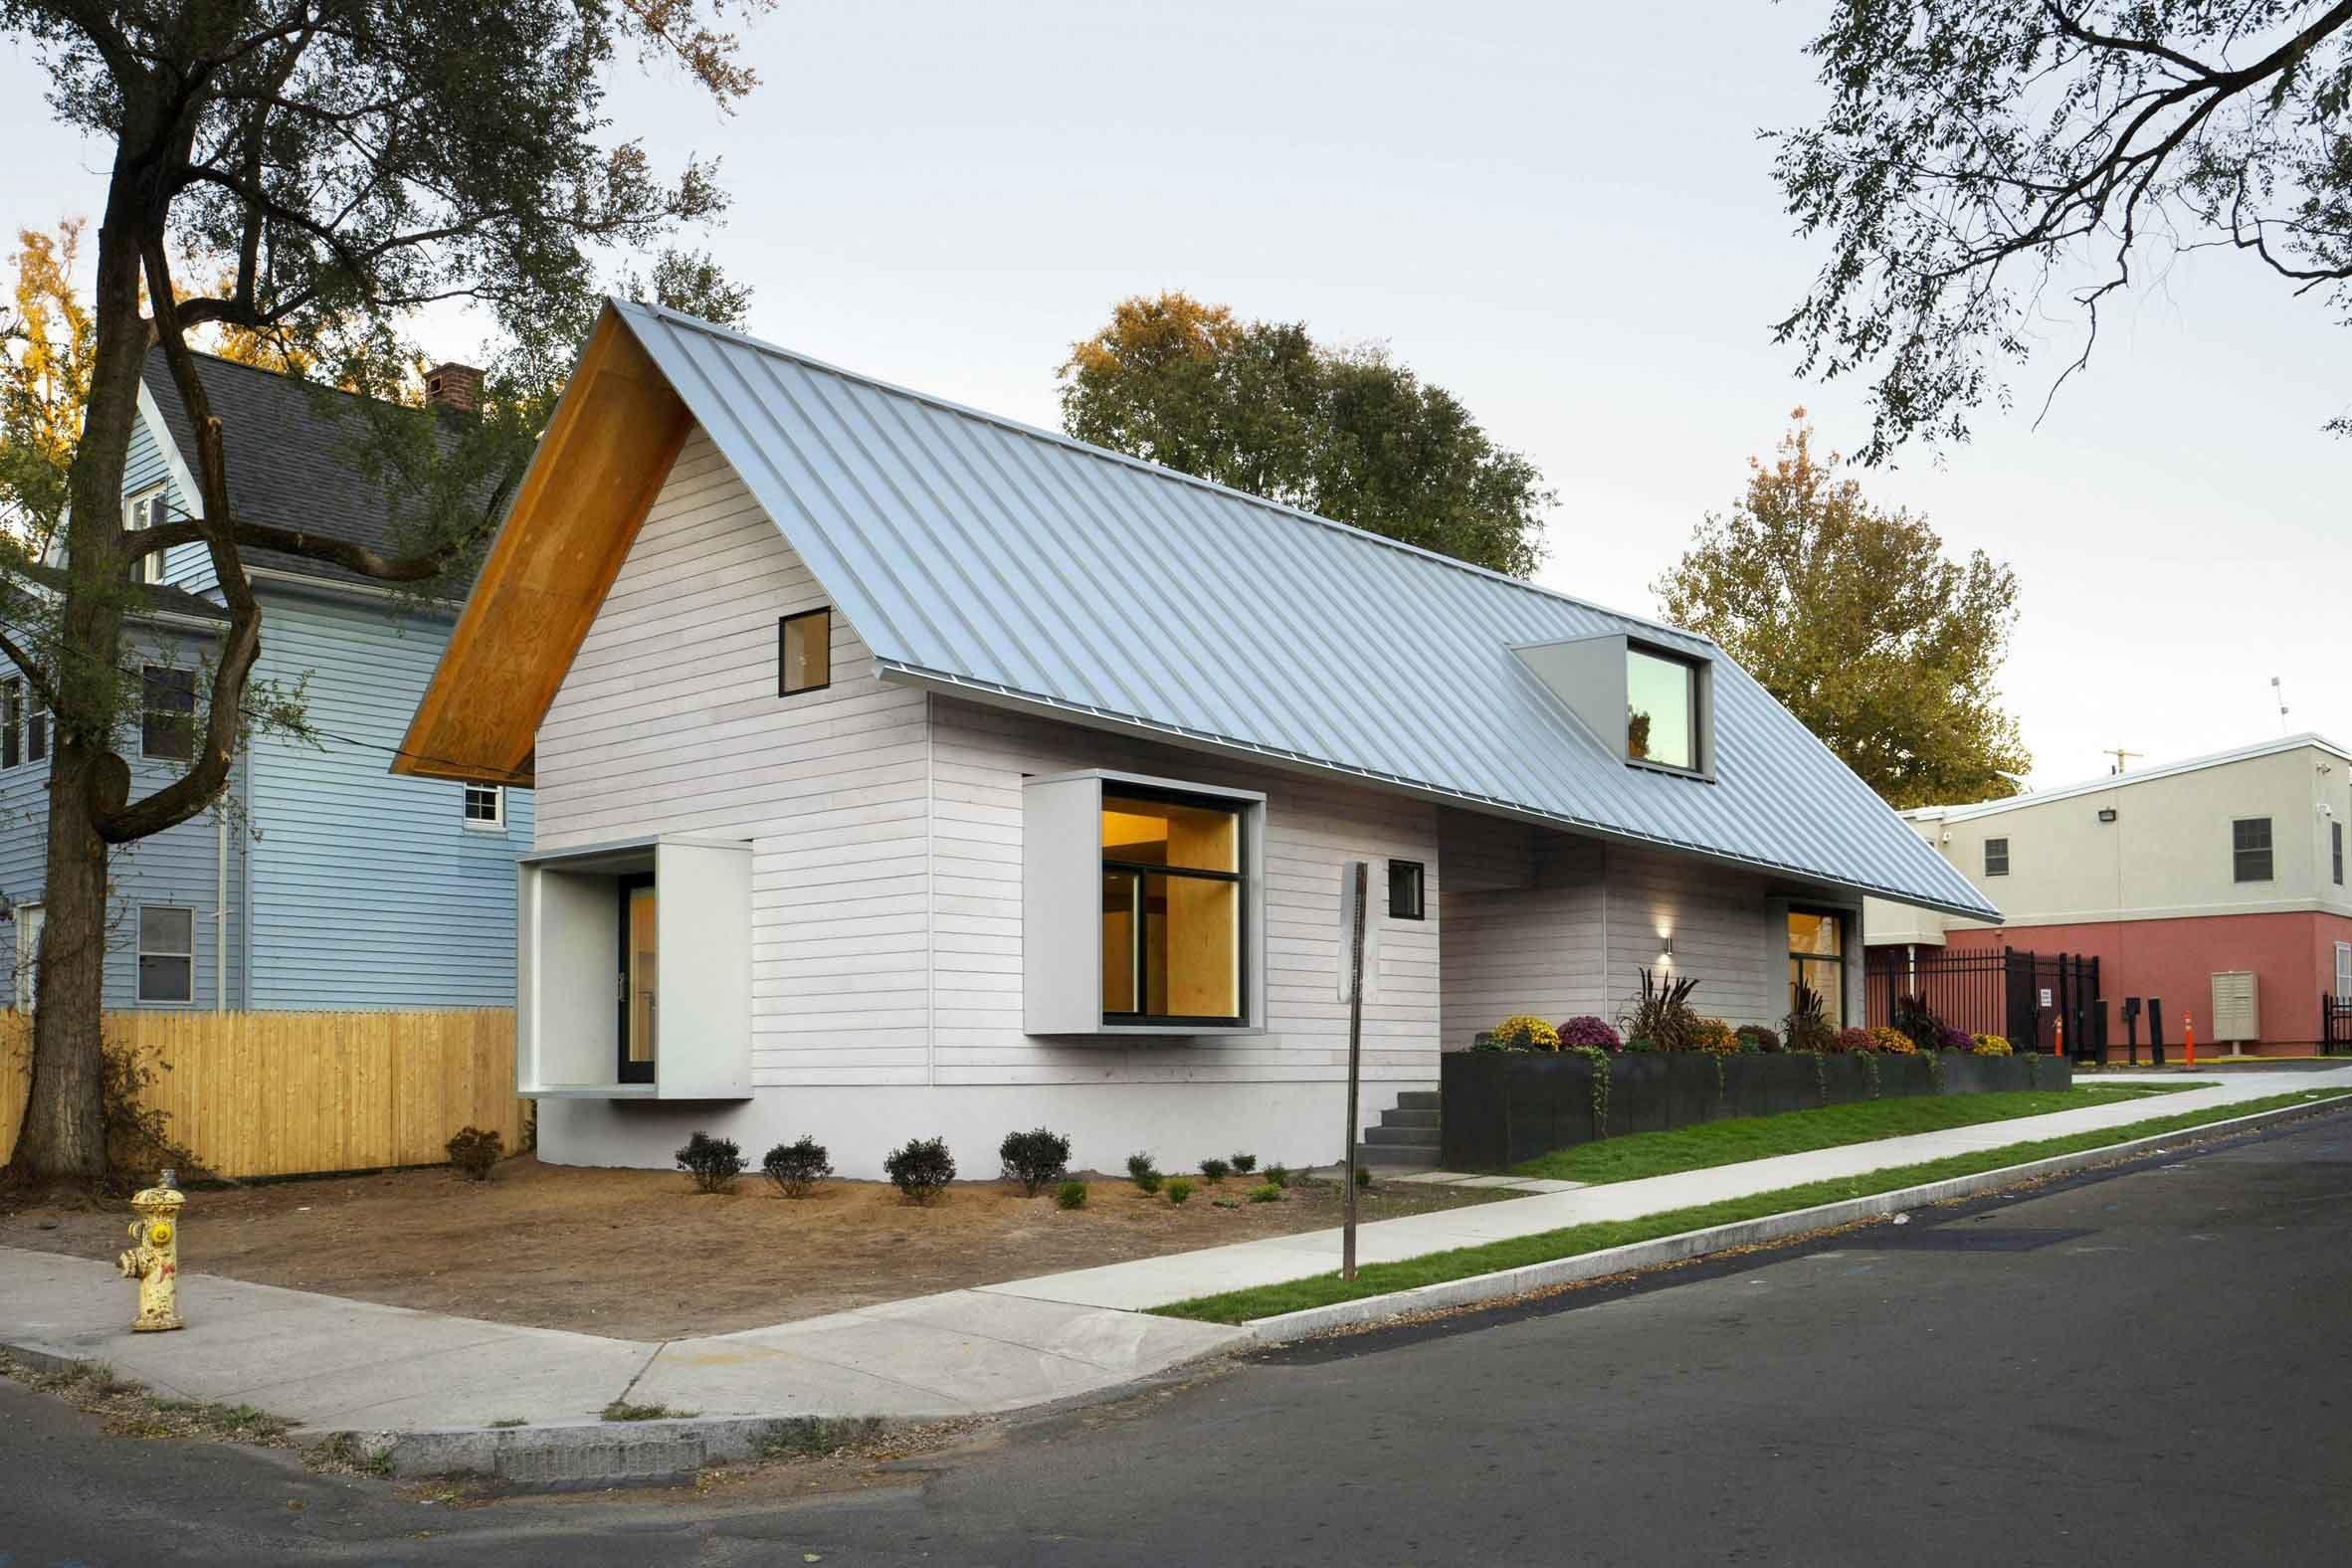 Studenti architektury navrhli dům pro bezdomovce